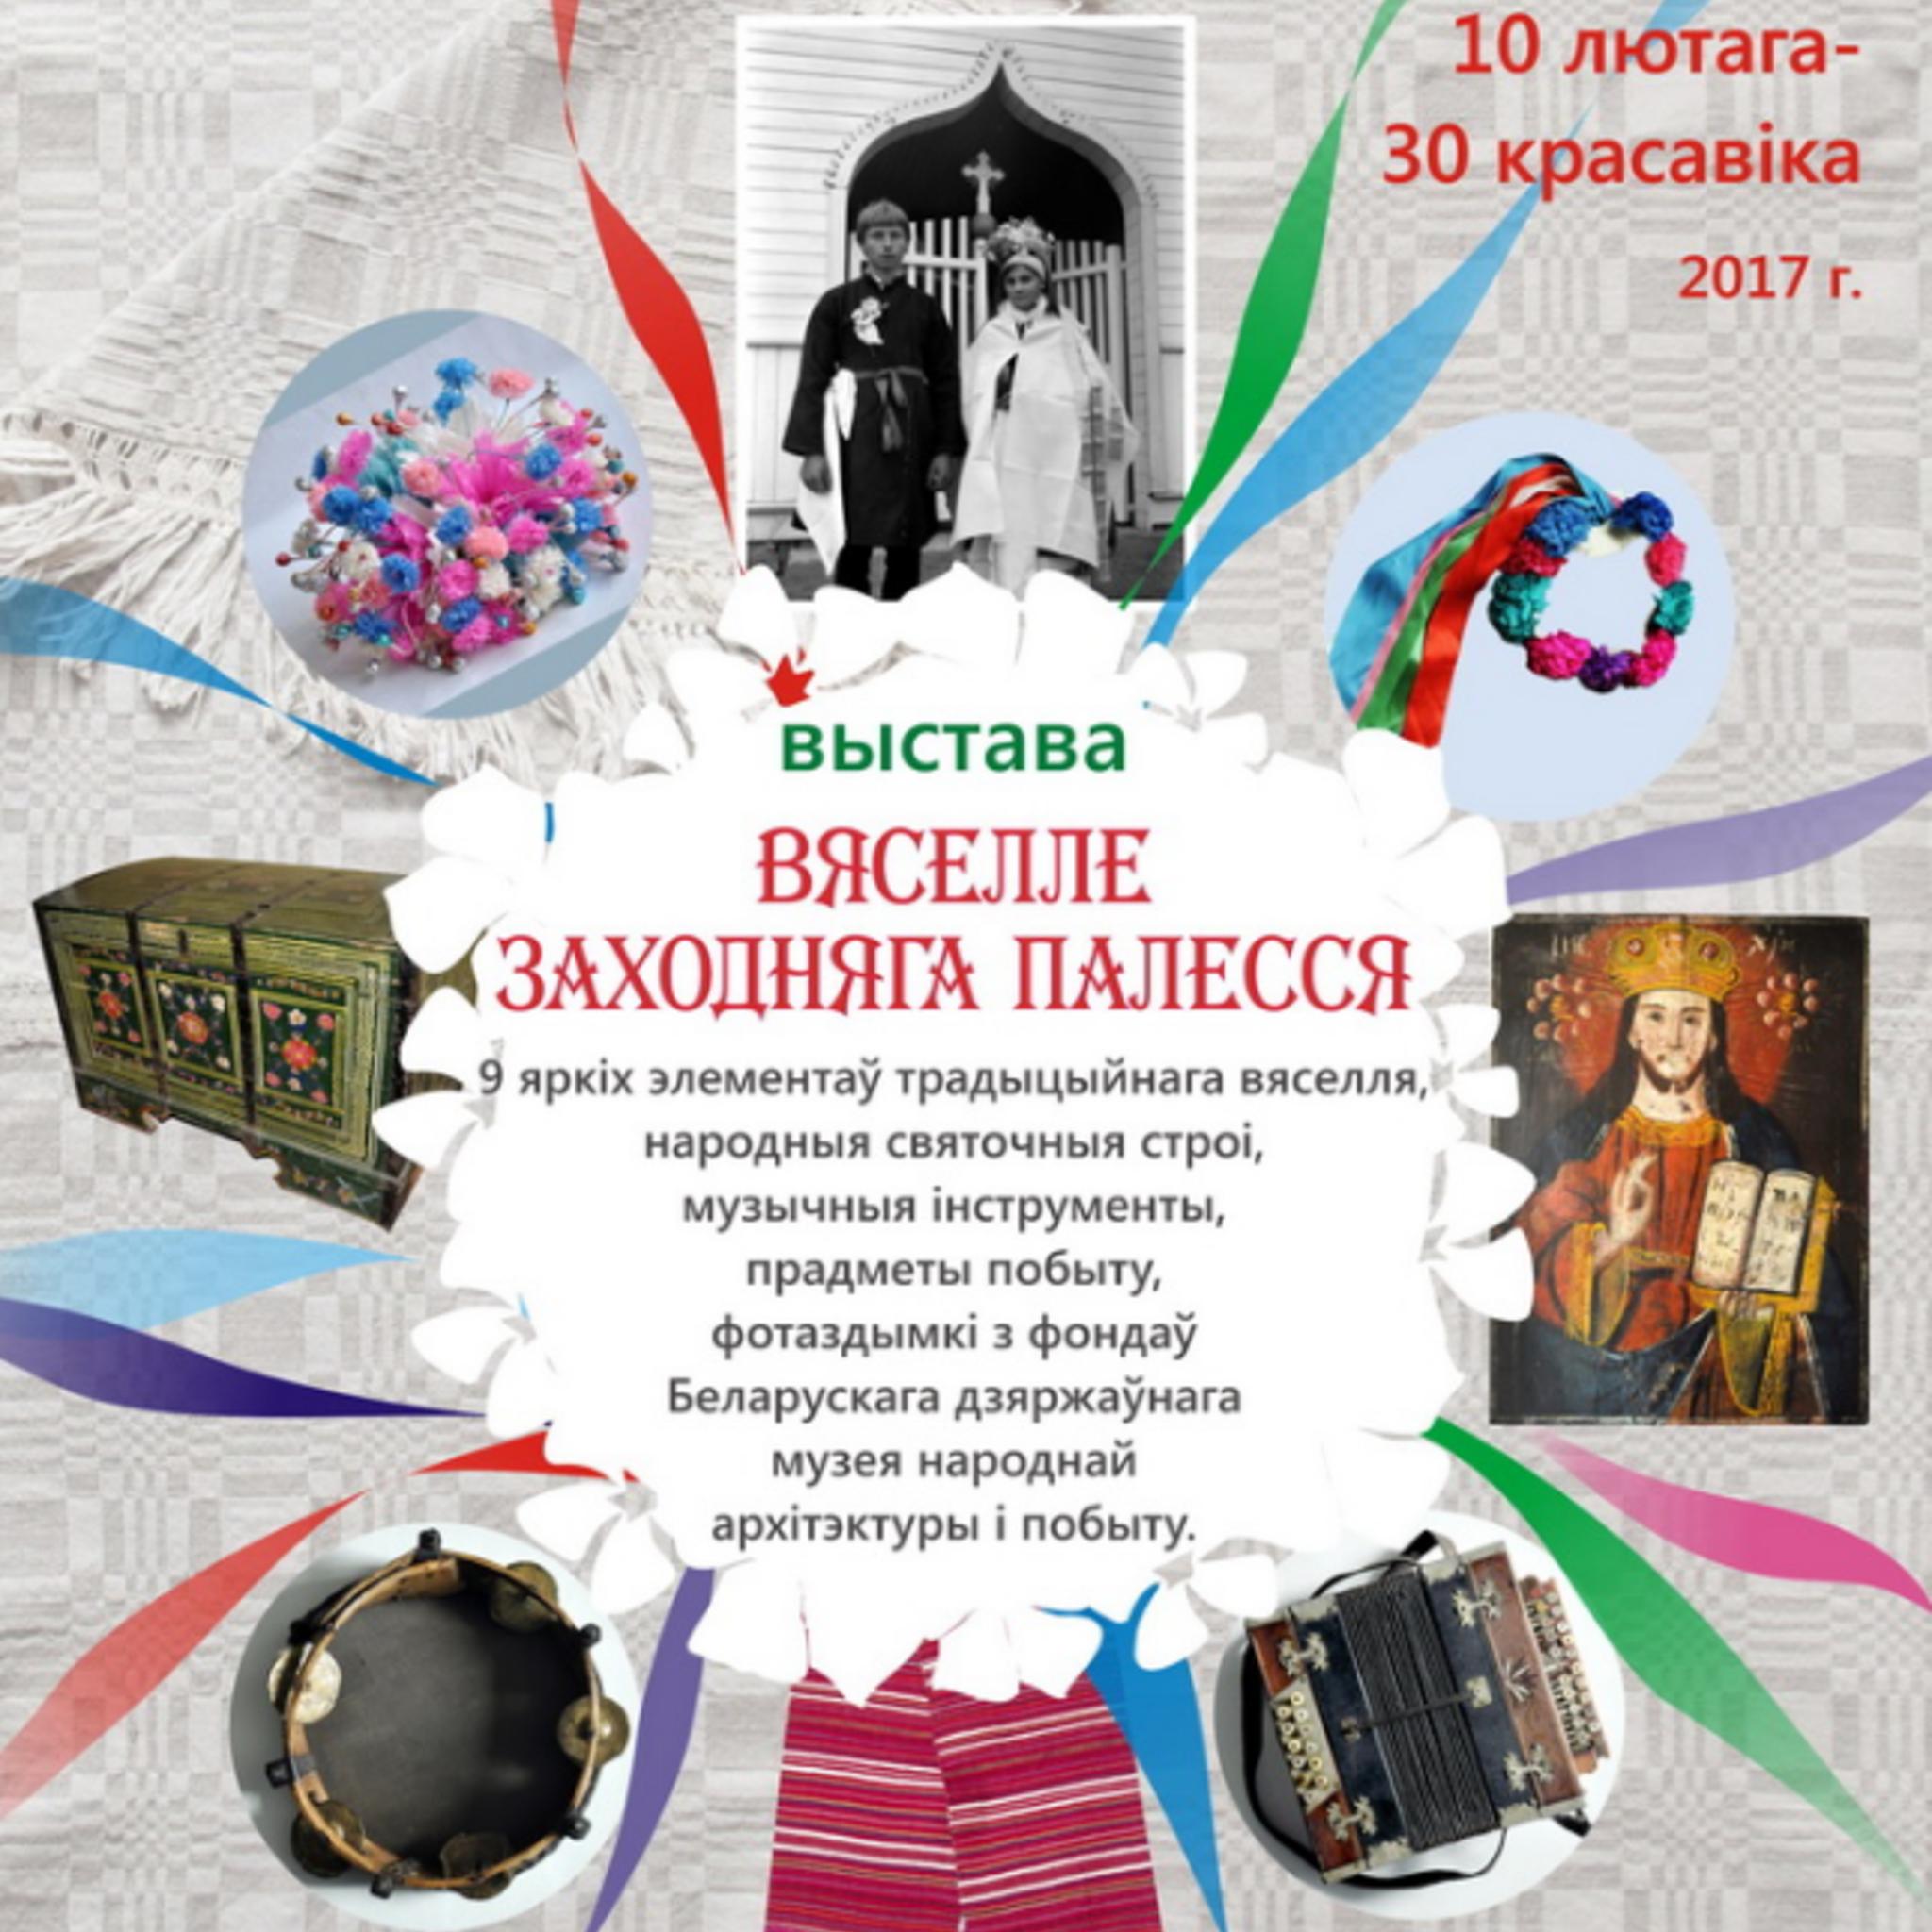 The exhibition Western Polissya Wedding